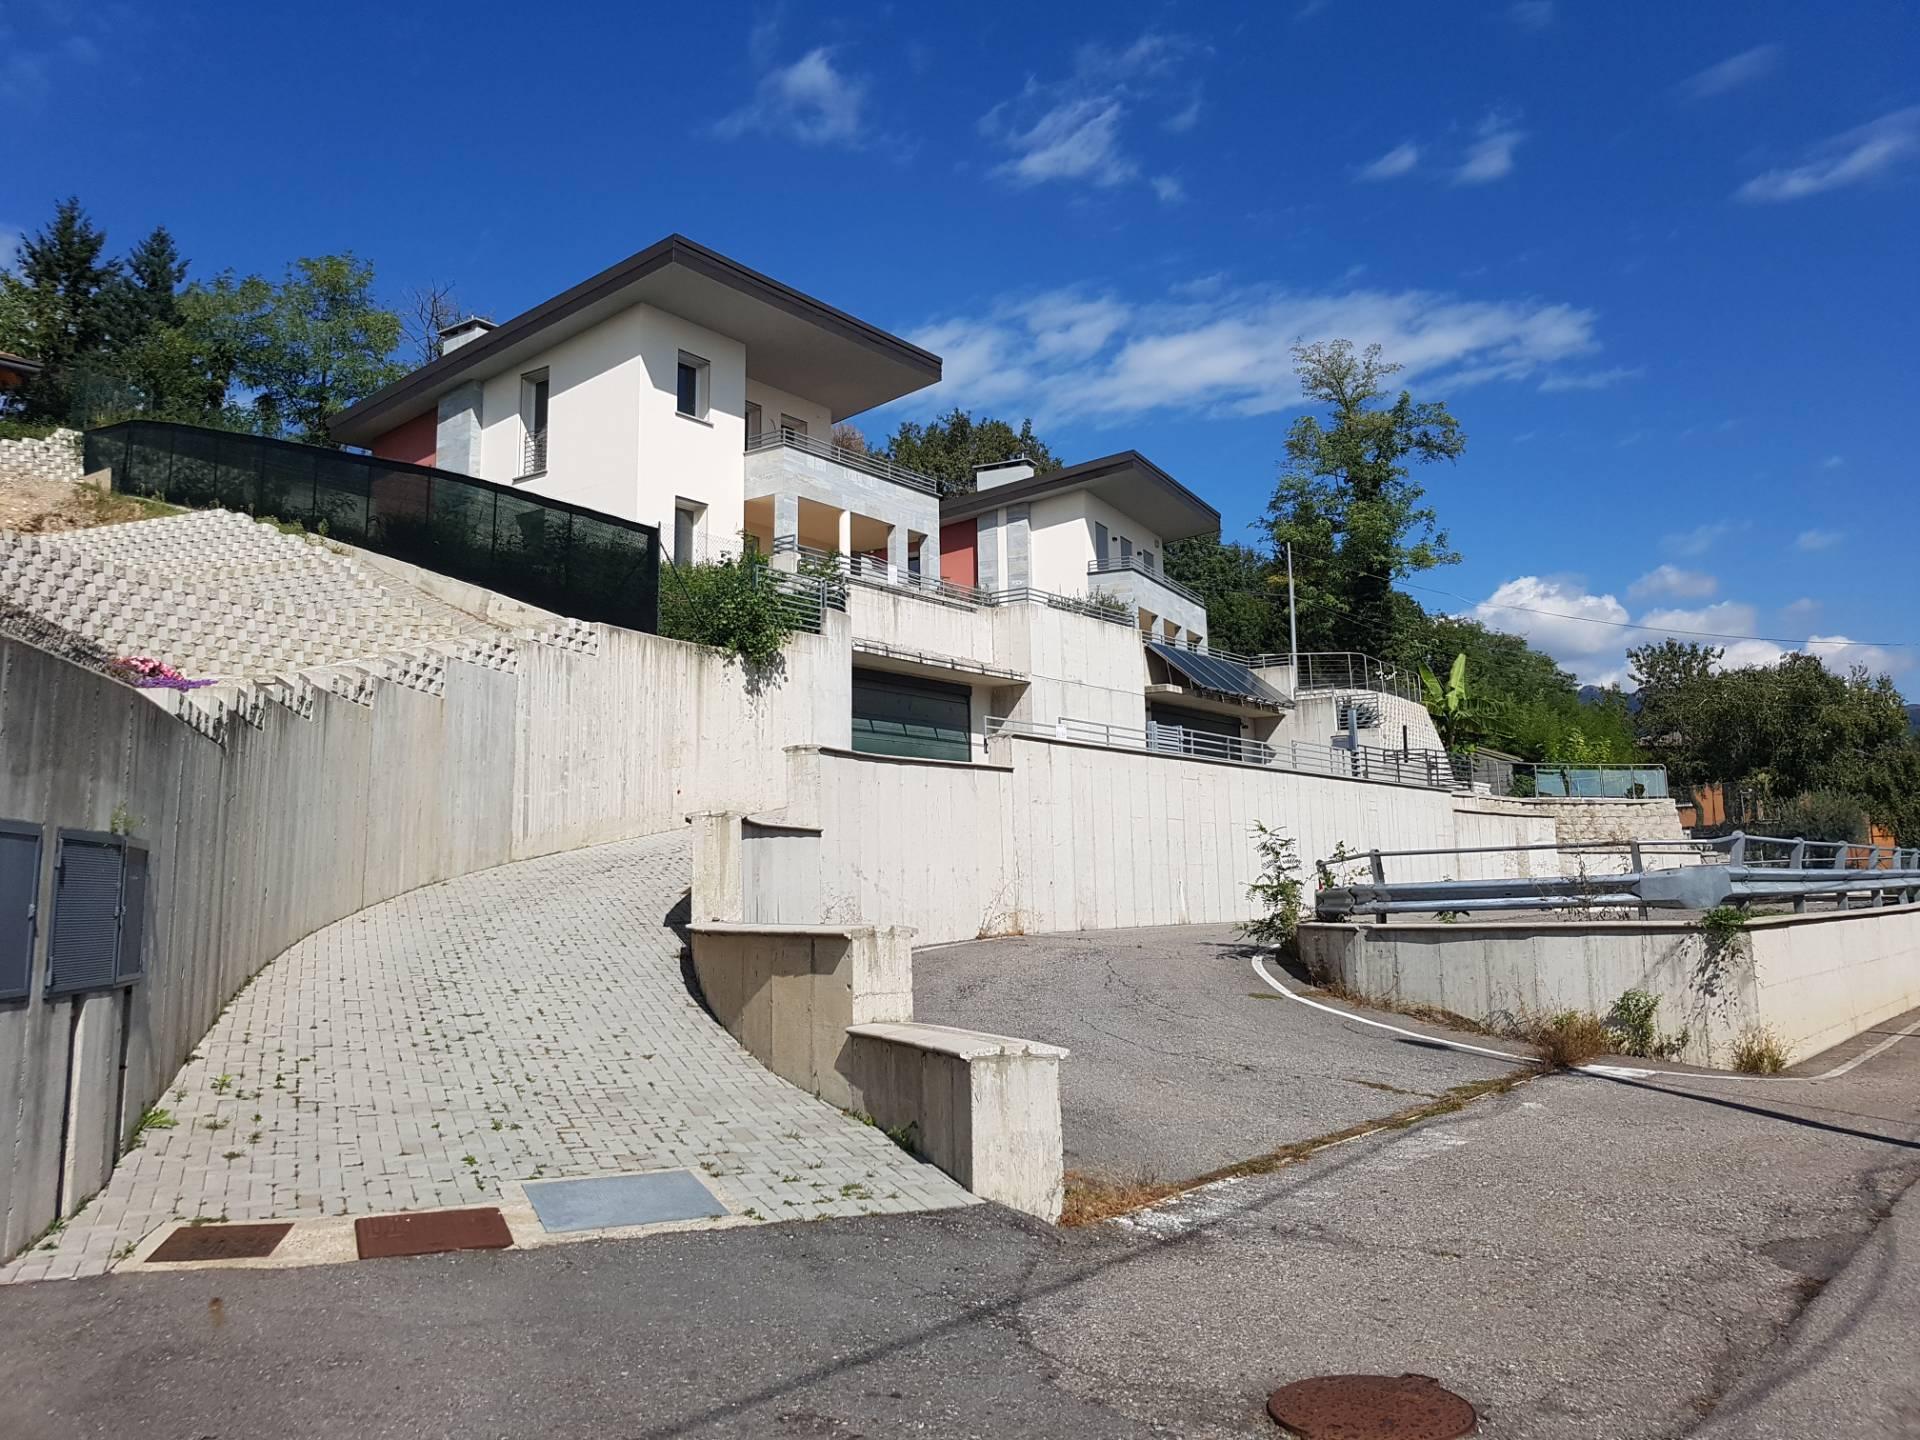 Villa in vendita a Clivio, 5 locali, zona Località: C?Bella, prezzo € 415.000 | CambioCasa.it